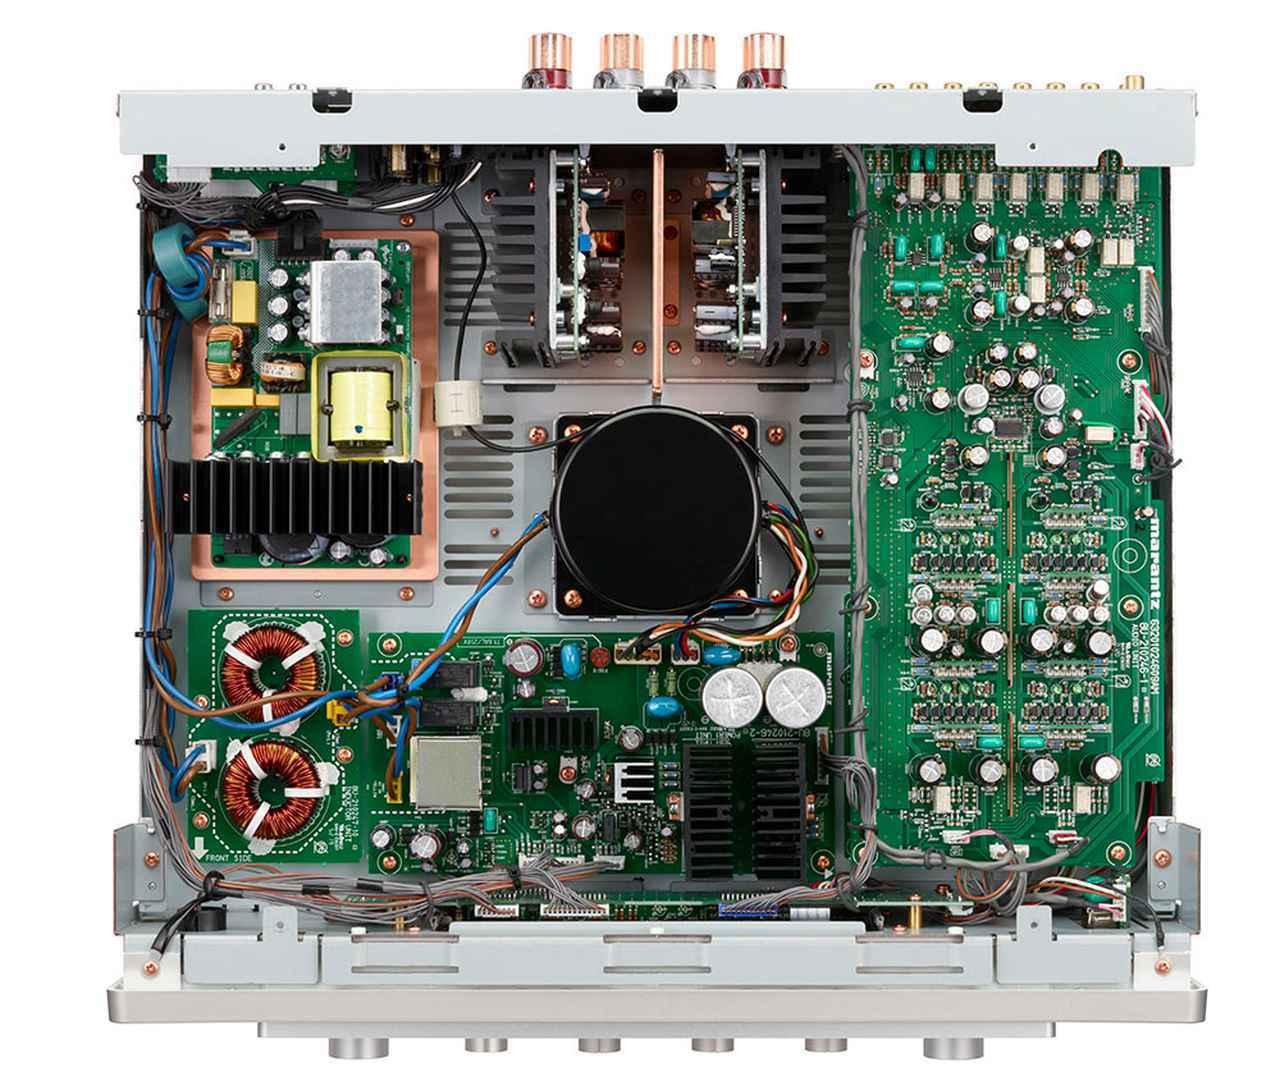 画像: 中央がプリアンプ用の大型トランスで、その上側がパワーアンプブロック。Hypex社製「NC500」を出力基板に直接取り付けている